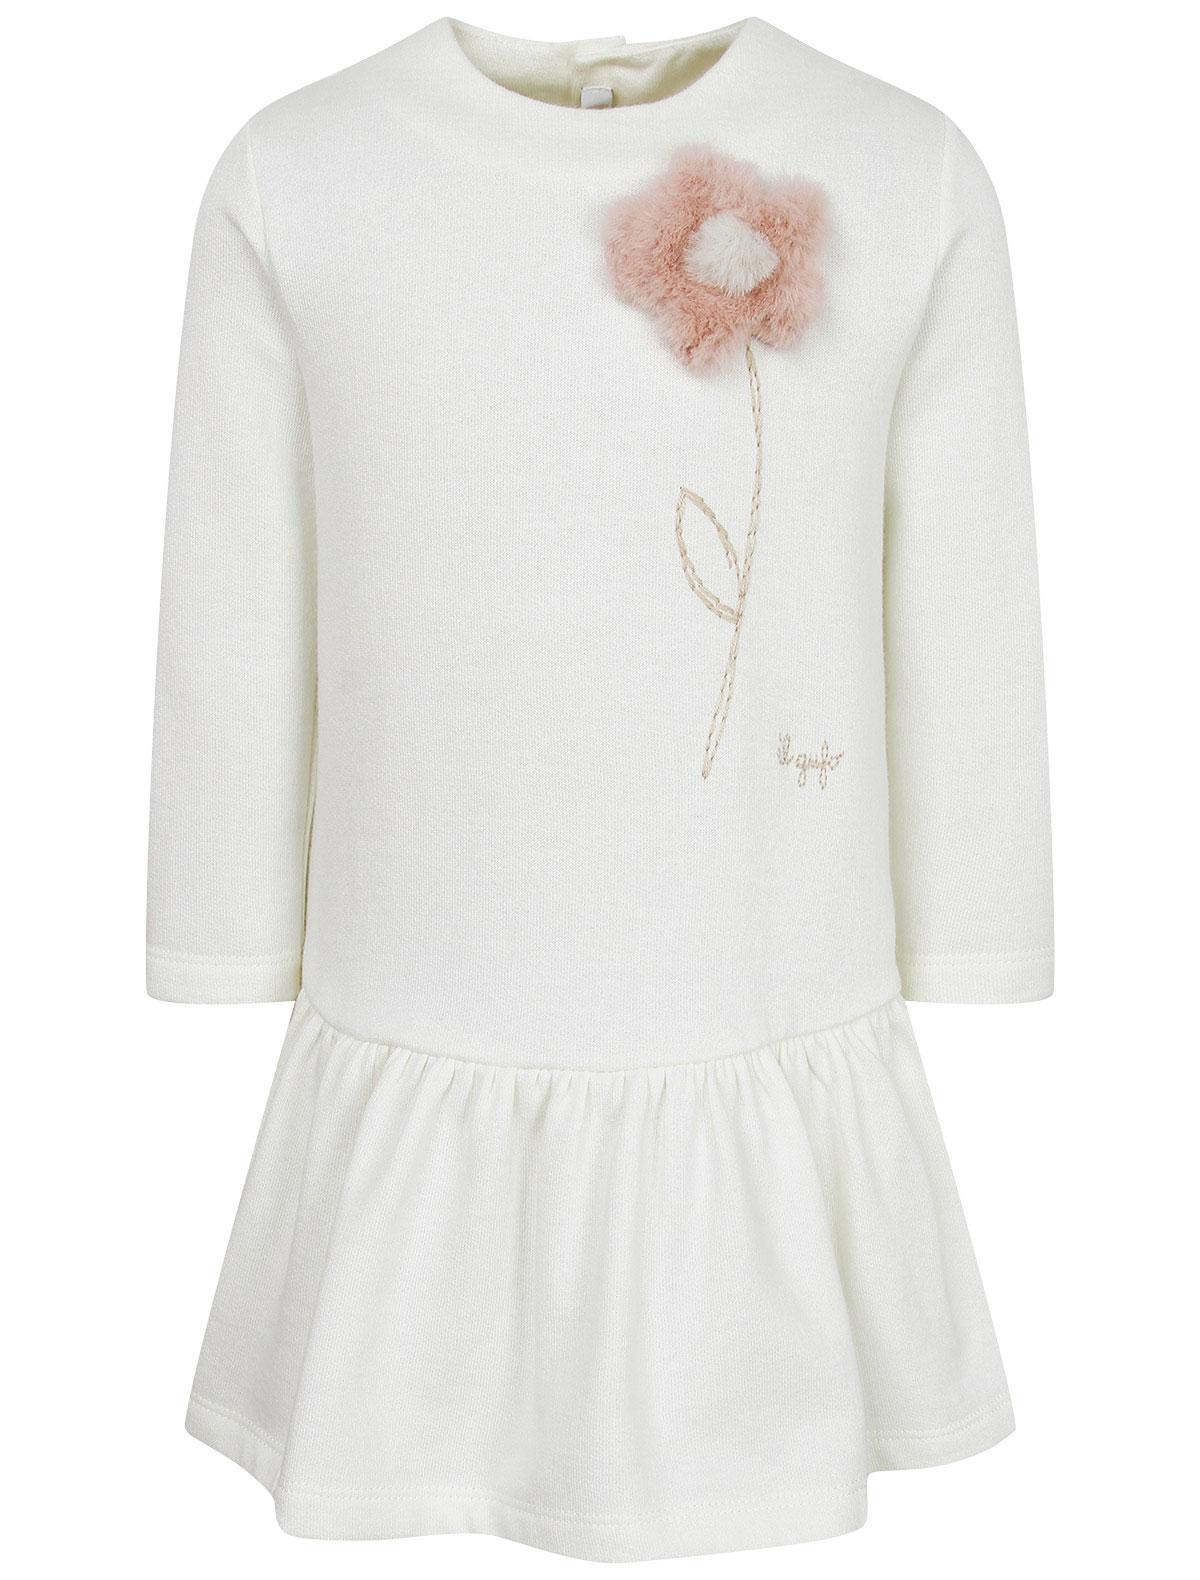 Купить 2244027, Платье Il Gufo, разноцветный, Женский, 1054609081402